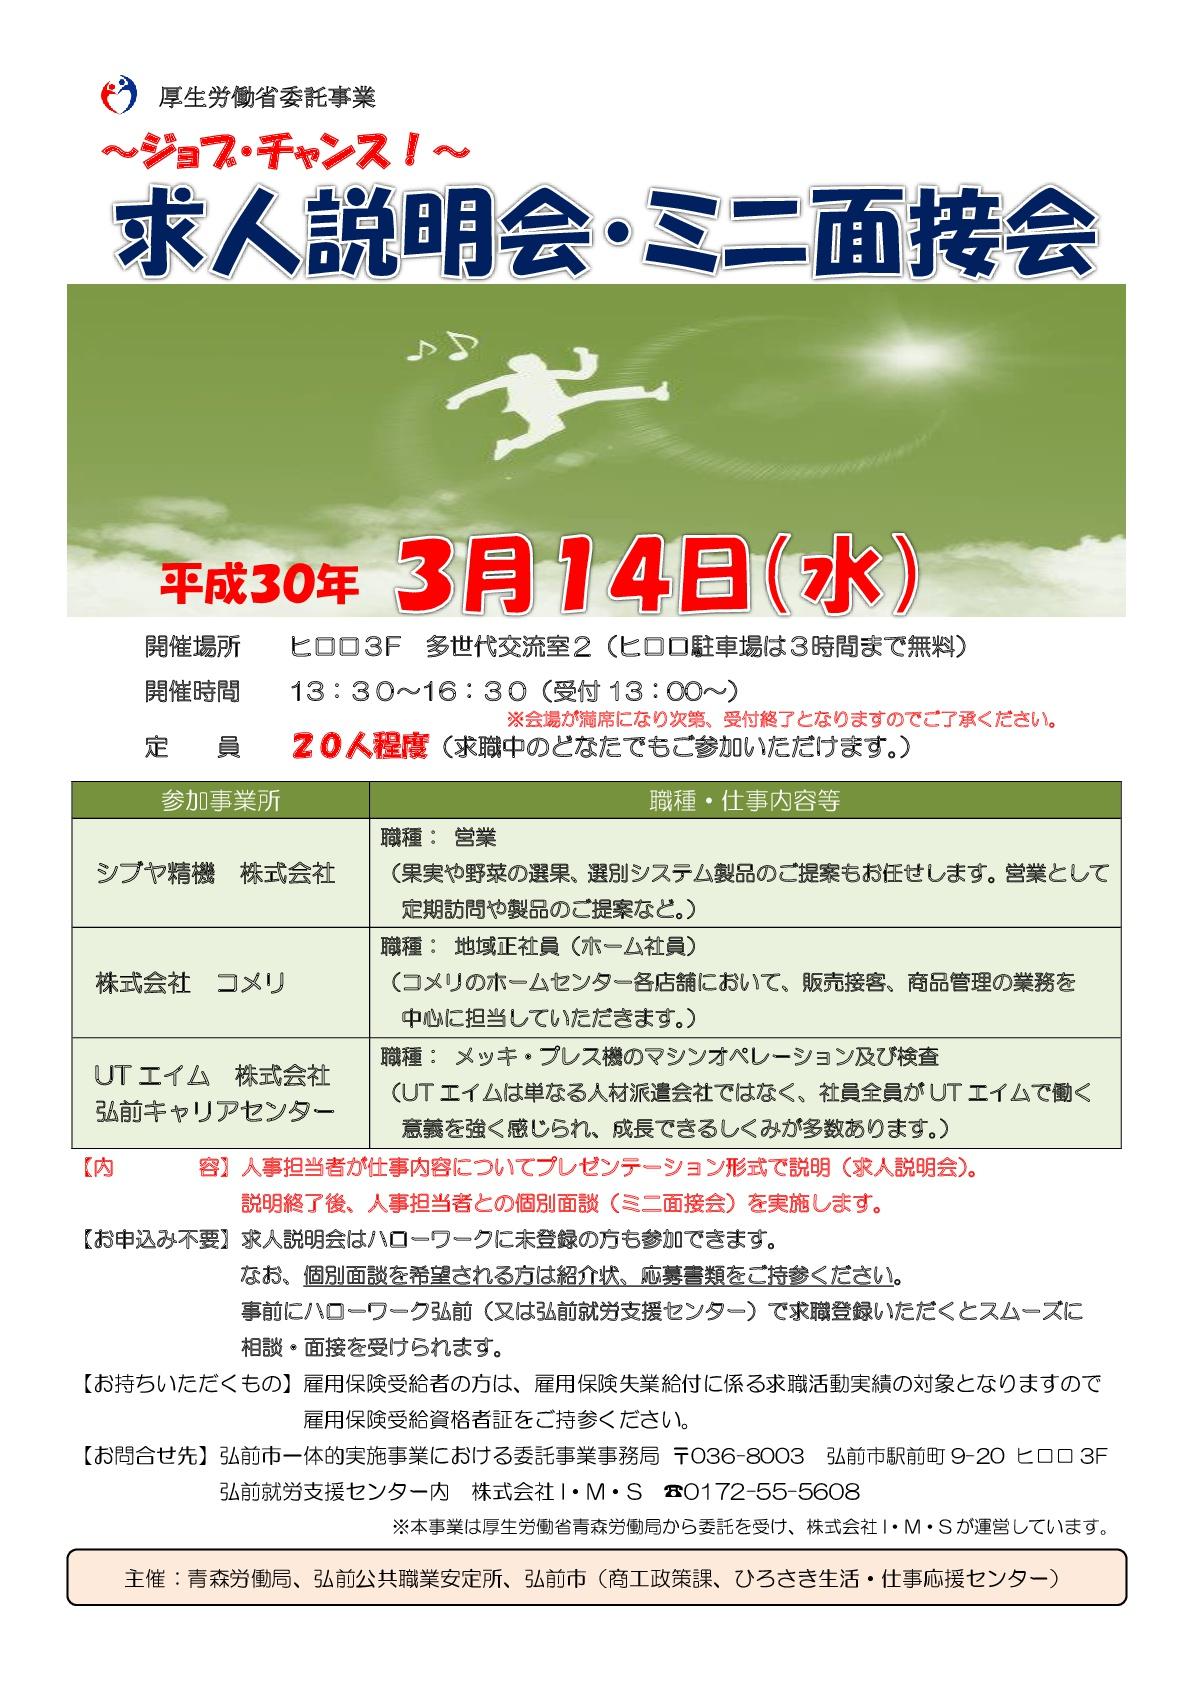 ミニ面接会3月14日リーフレット2.jpg